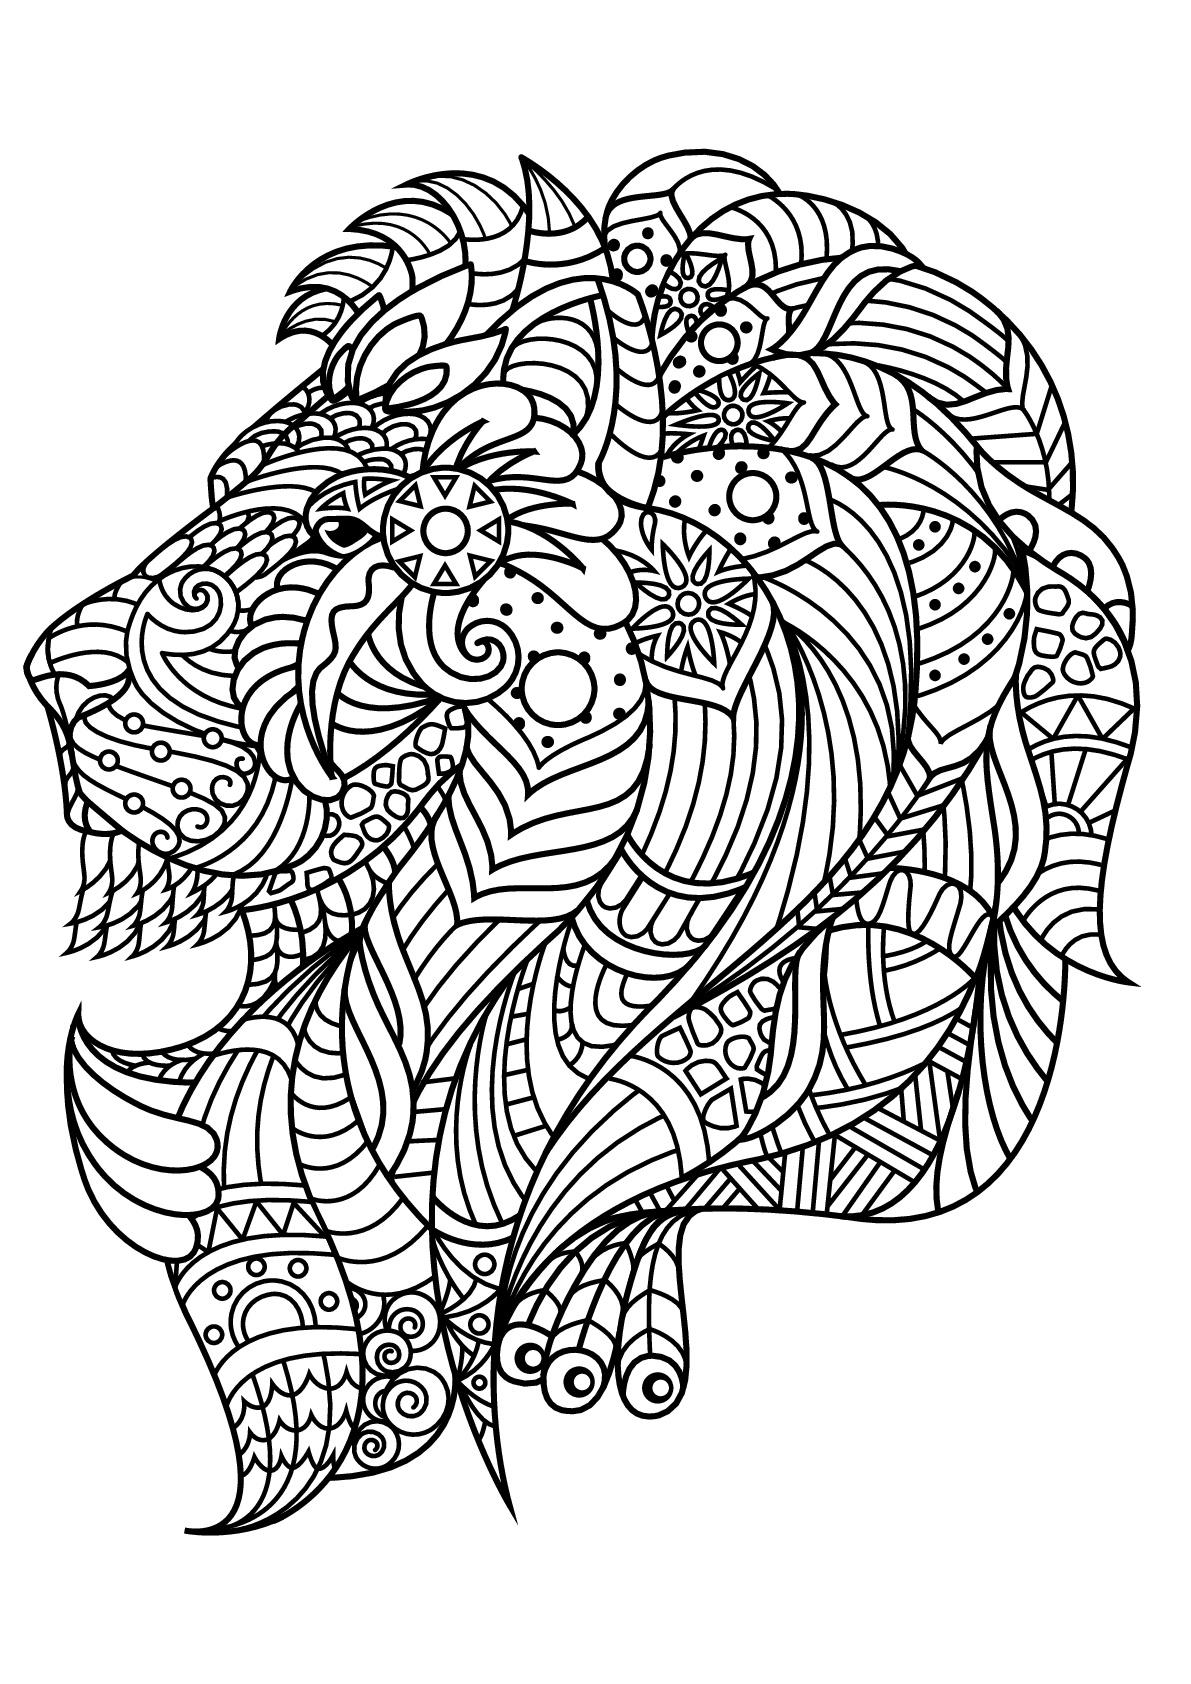 Disegni da colorare per adulti : Lions - 4